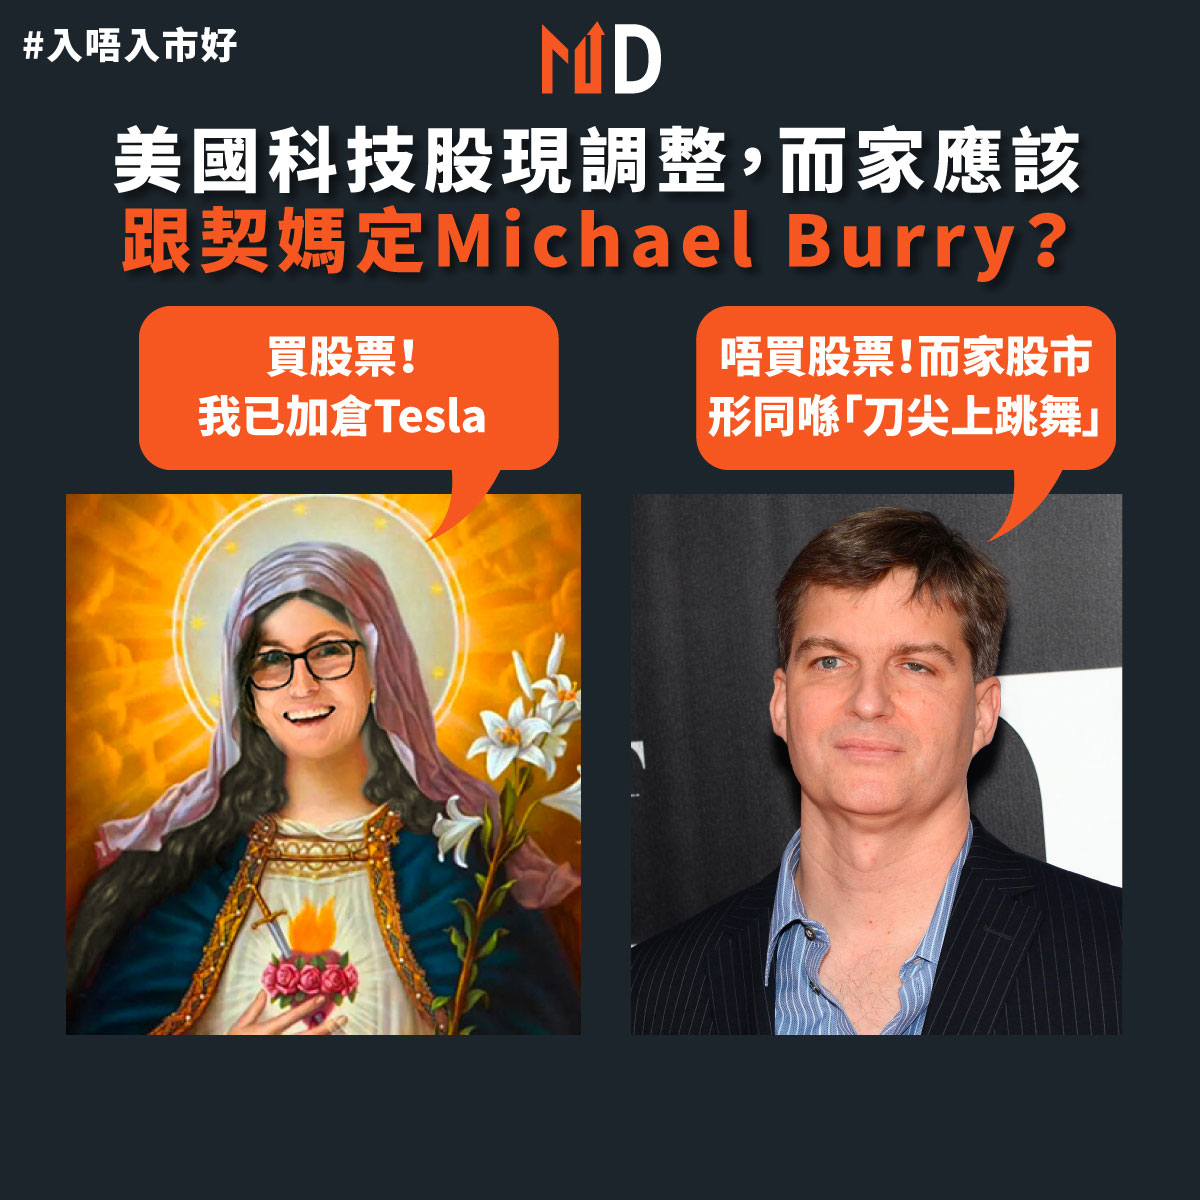 美國科技股現調整,而家應該跟契媽定Michael Burry?